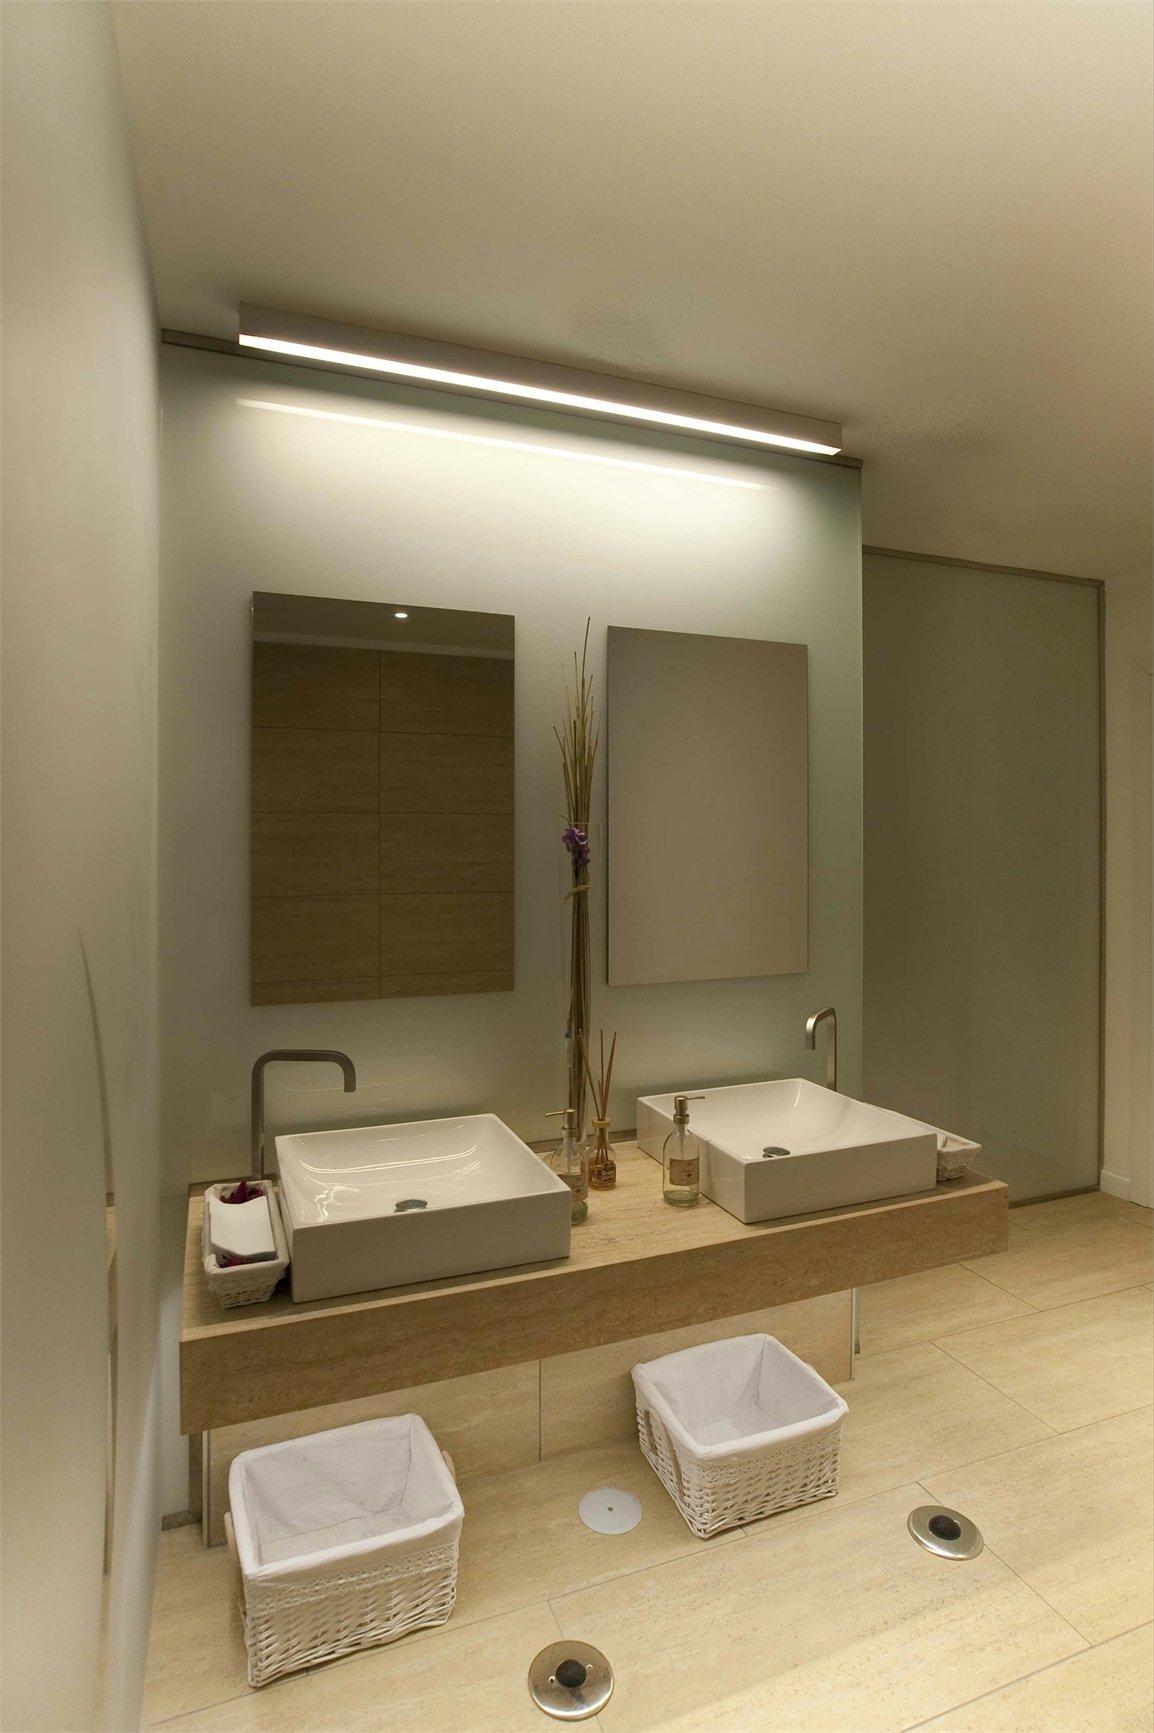 Lampade specchio bagno artemide immagini ispirazione sul - Faretti bagno specchio ...